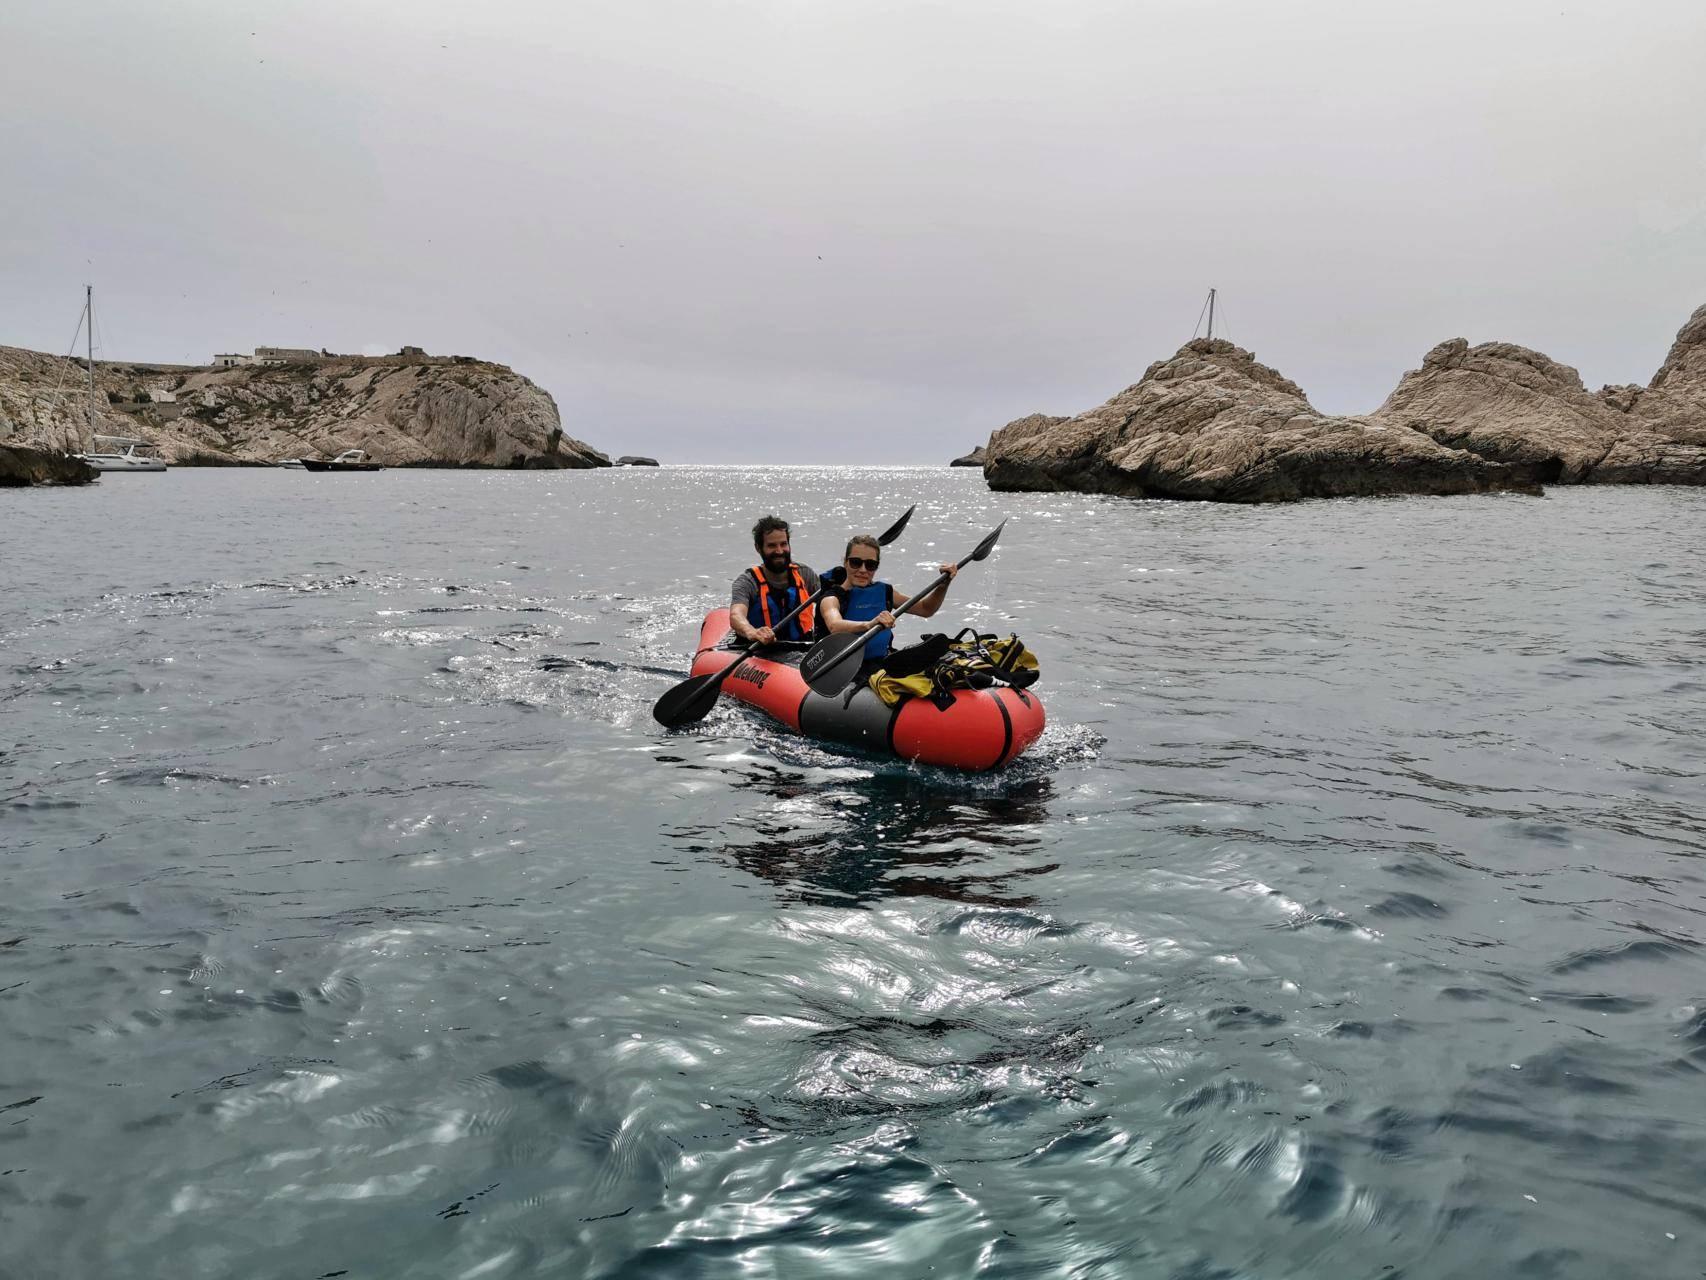 Tour des iles du Frioul en packraft Mekong, les Calanques au large de Marseille